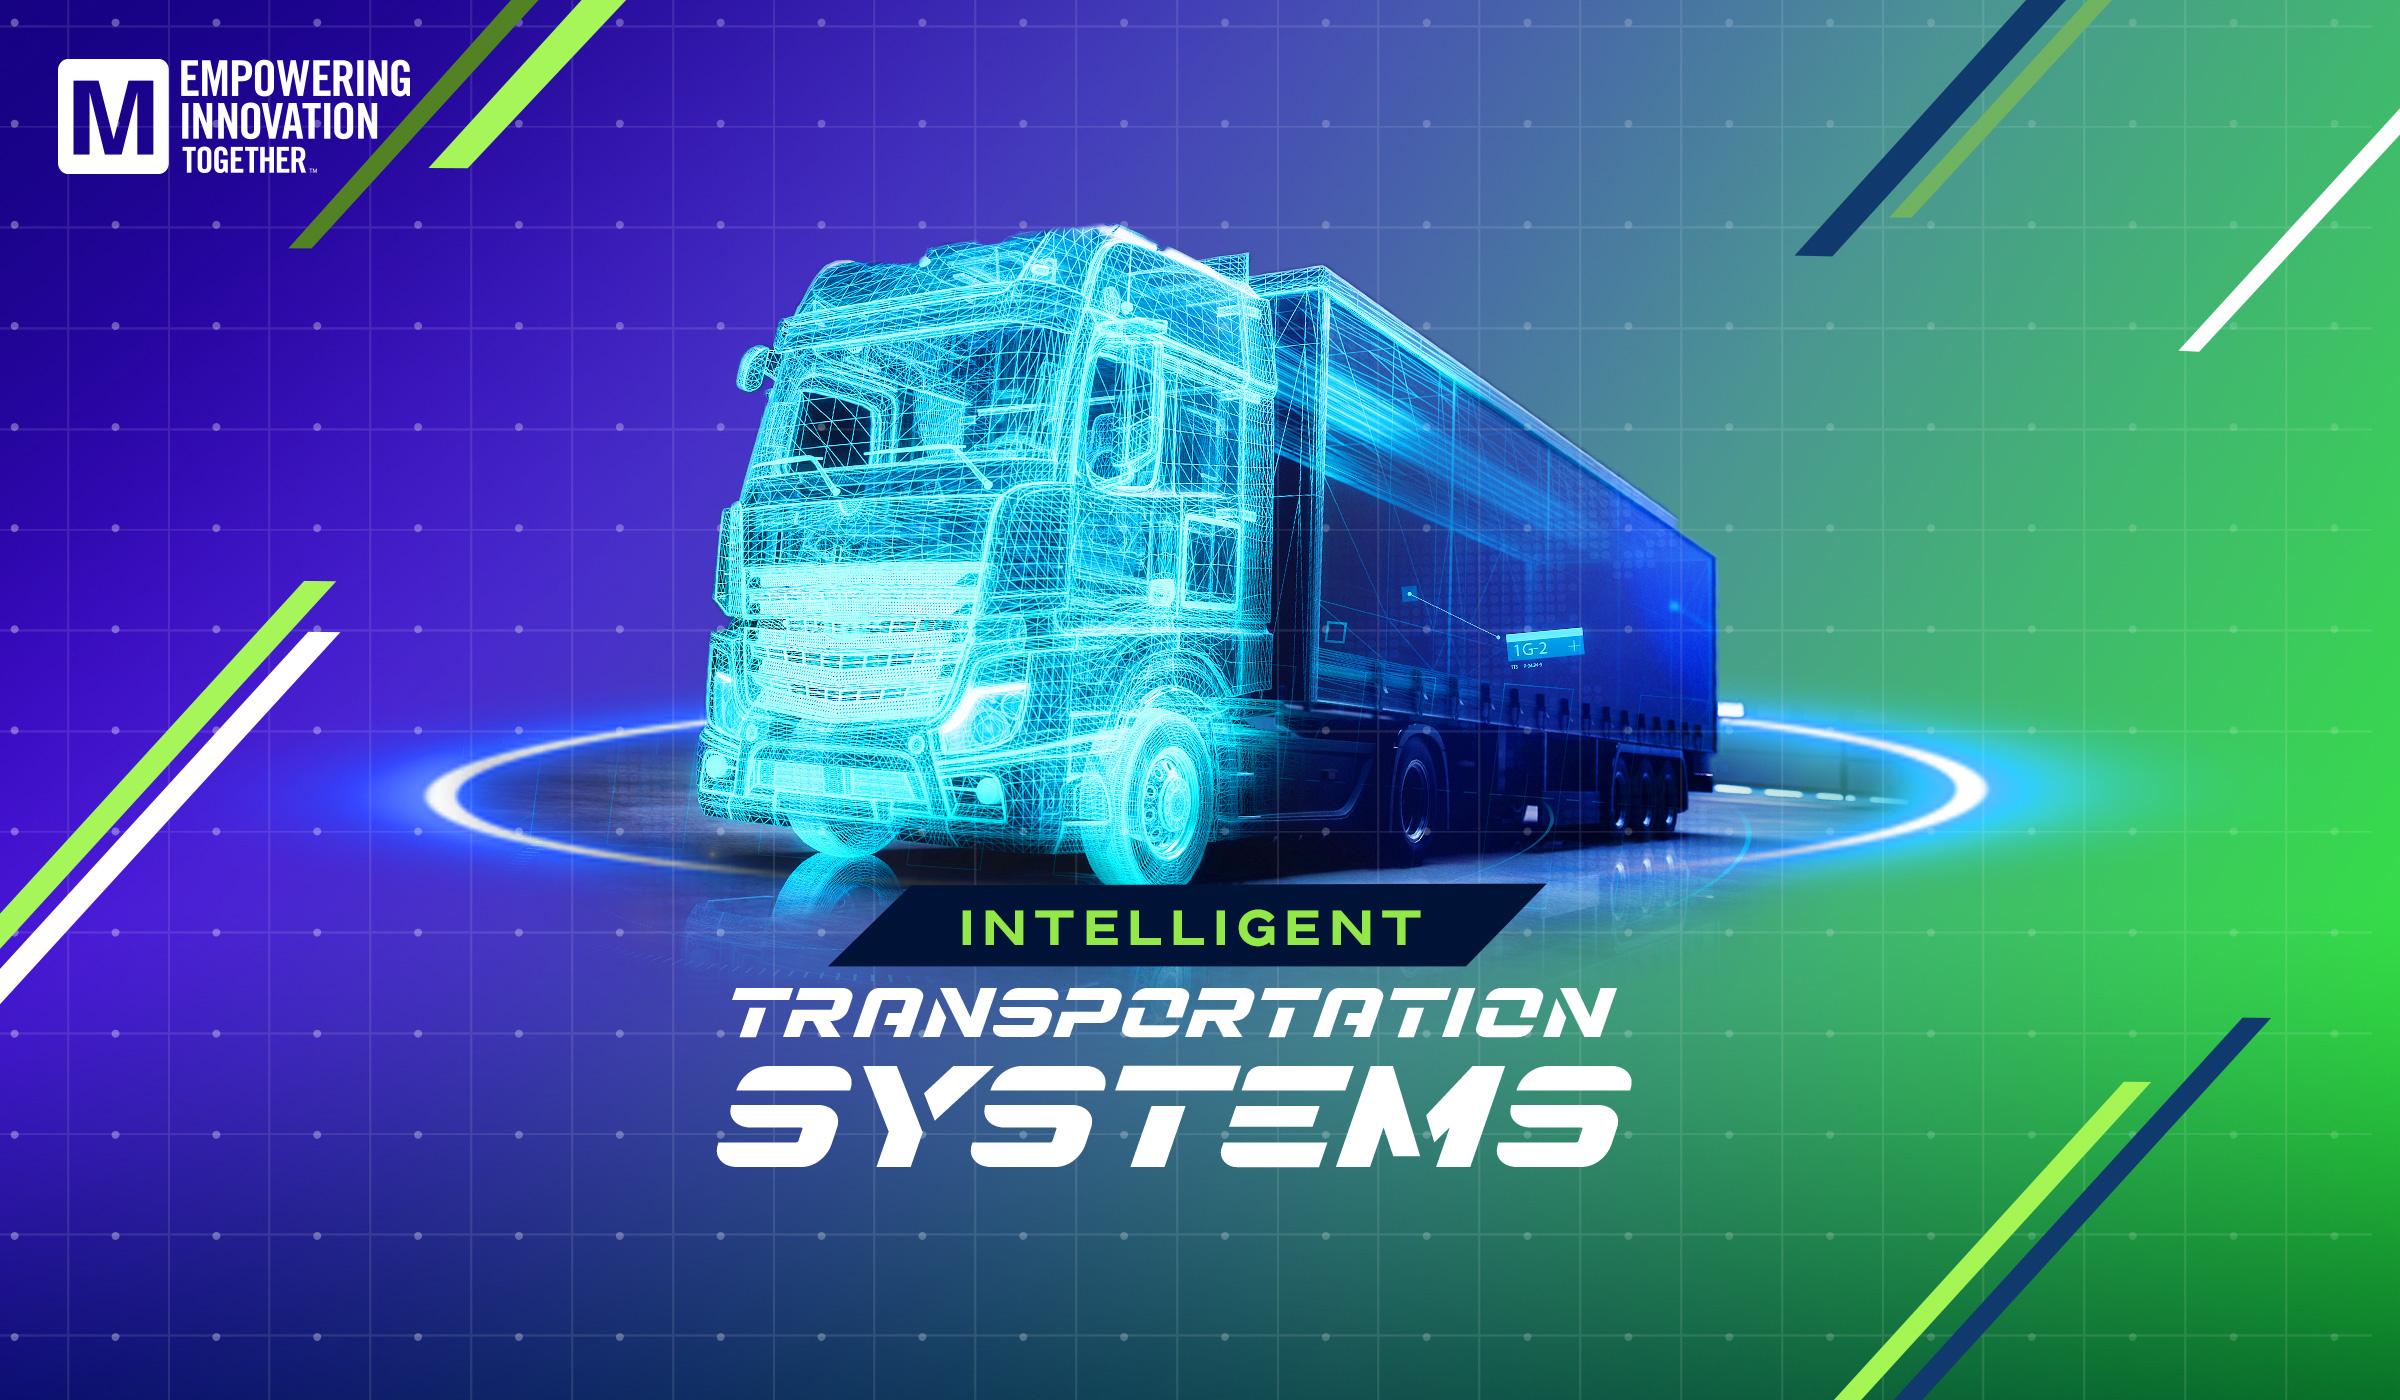 贸泽电子发布新一期EIT节目